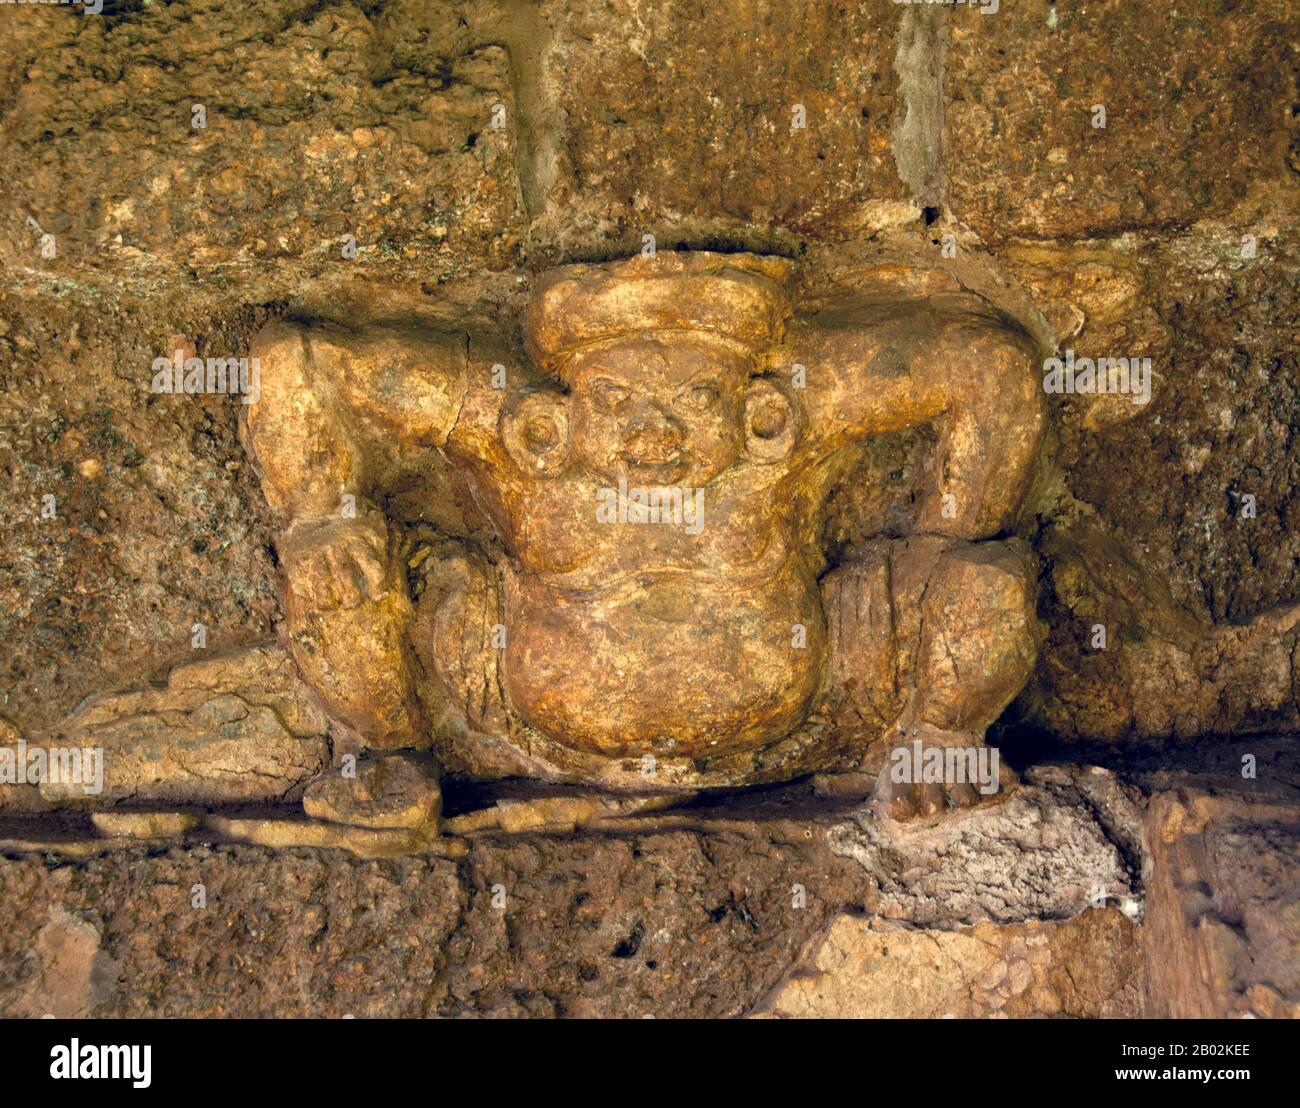 Si Thep, también Sri Thep, (siglo VII – XIV) es una antigua ciudad arruinada en el noreste de Tailandia. Muchas estructuras arquitectónicas siguen siendo para indicar su prosperidad pasada. Fue una vez el centro de contacto entre el Reino Dvaravati en la cuenca central de la llanura de Tailandia y el Reino Khmer en el noreste. Una ciudad gemela, había más de cien sitios antiguos todos construidos con ladrillos y laterita. También hay restos de varios estanques repartidos por toda la zona. La mayoría de las reliquias antiguas recuperadas son arquitectónicas por naturaleza, como dinteles elaborados y piedras sema. Algunos de los Foto de stock